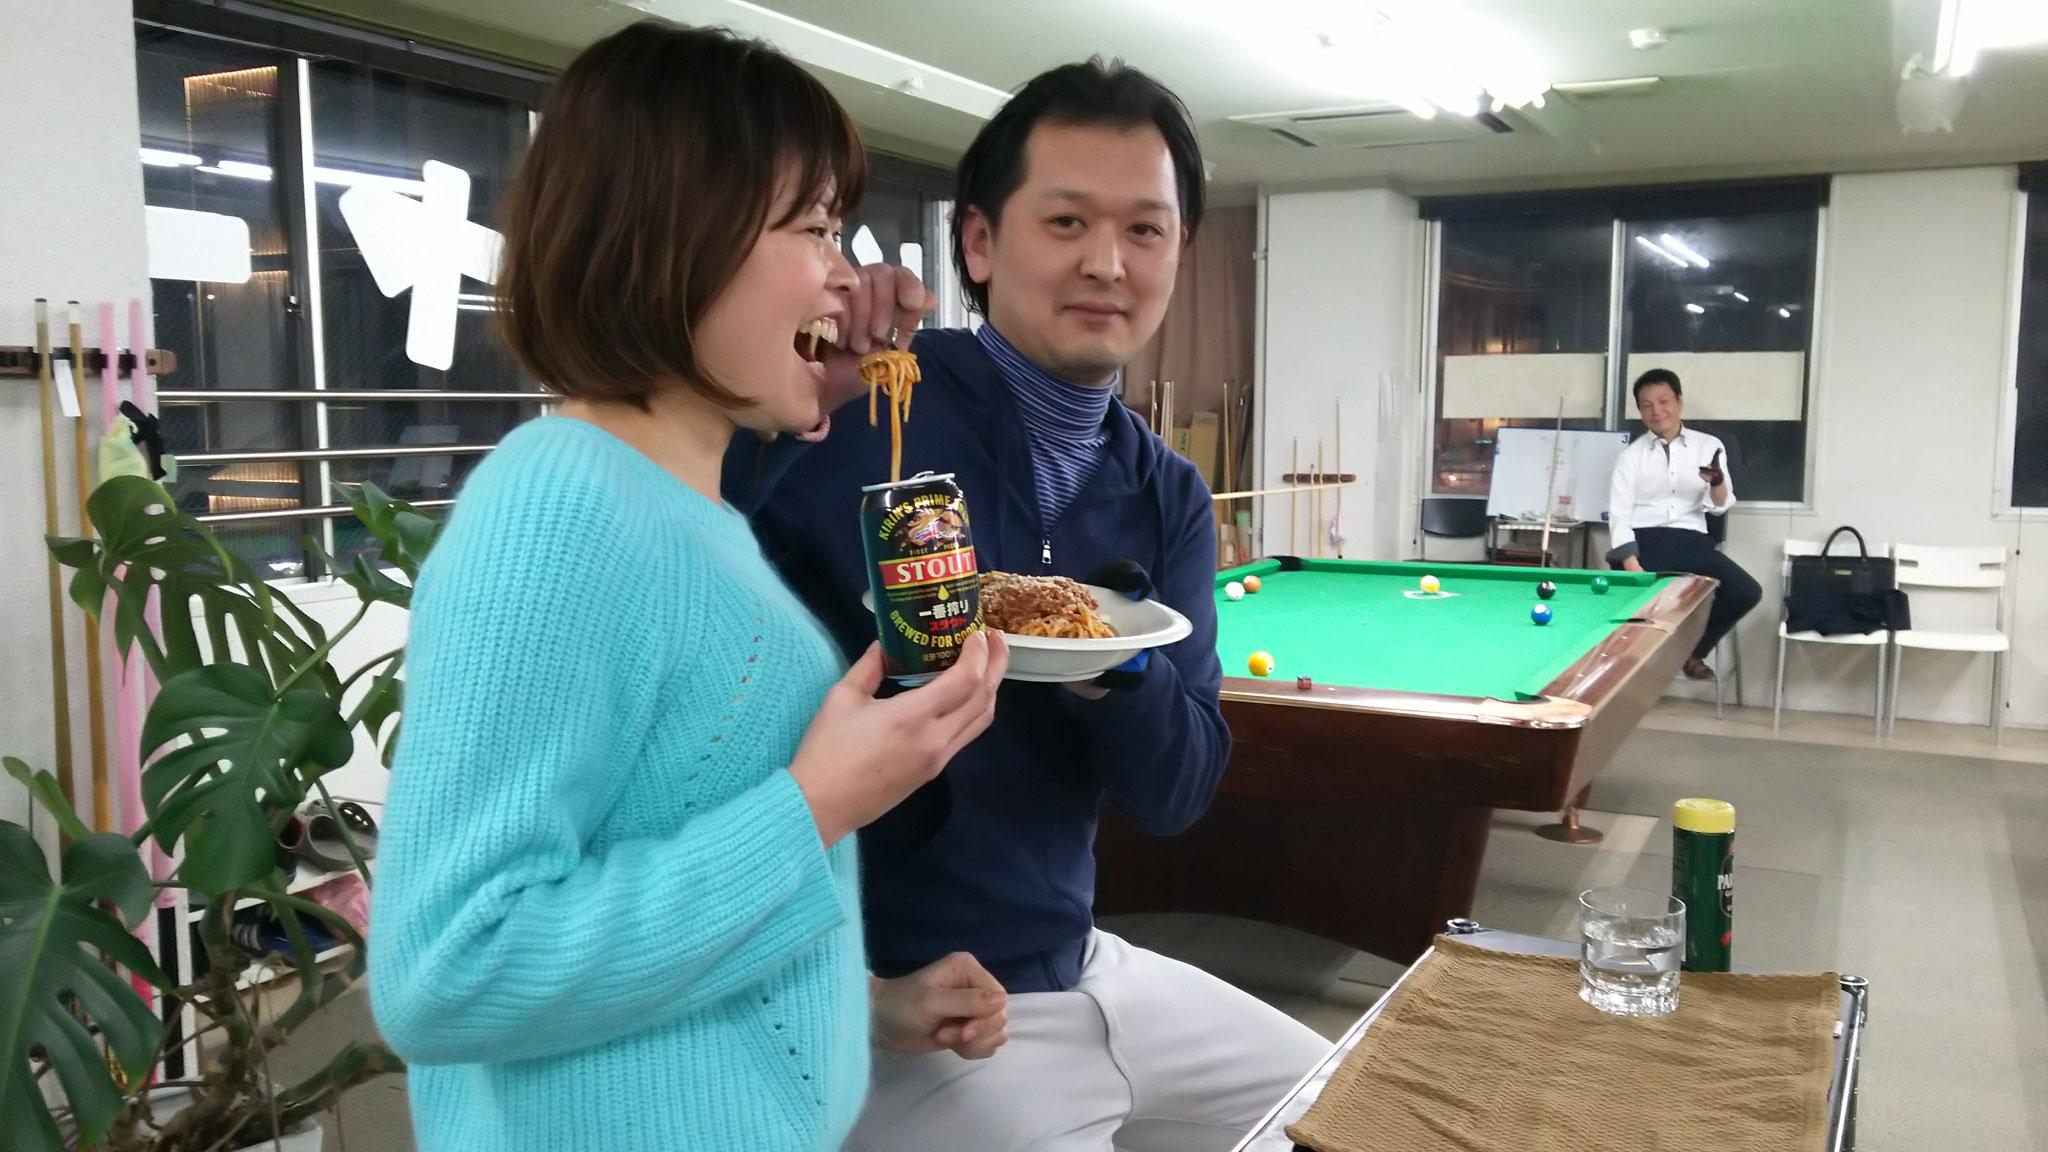 純子ミートスパを食べる中野くん? と、あちらのお客様(オックンダー)からの黒ビールを飲む、かよちゃん。